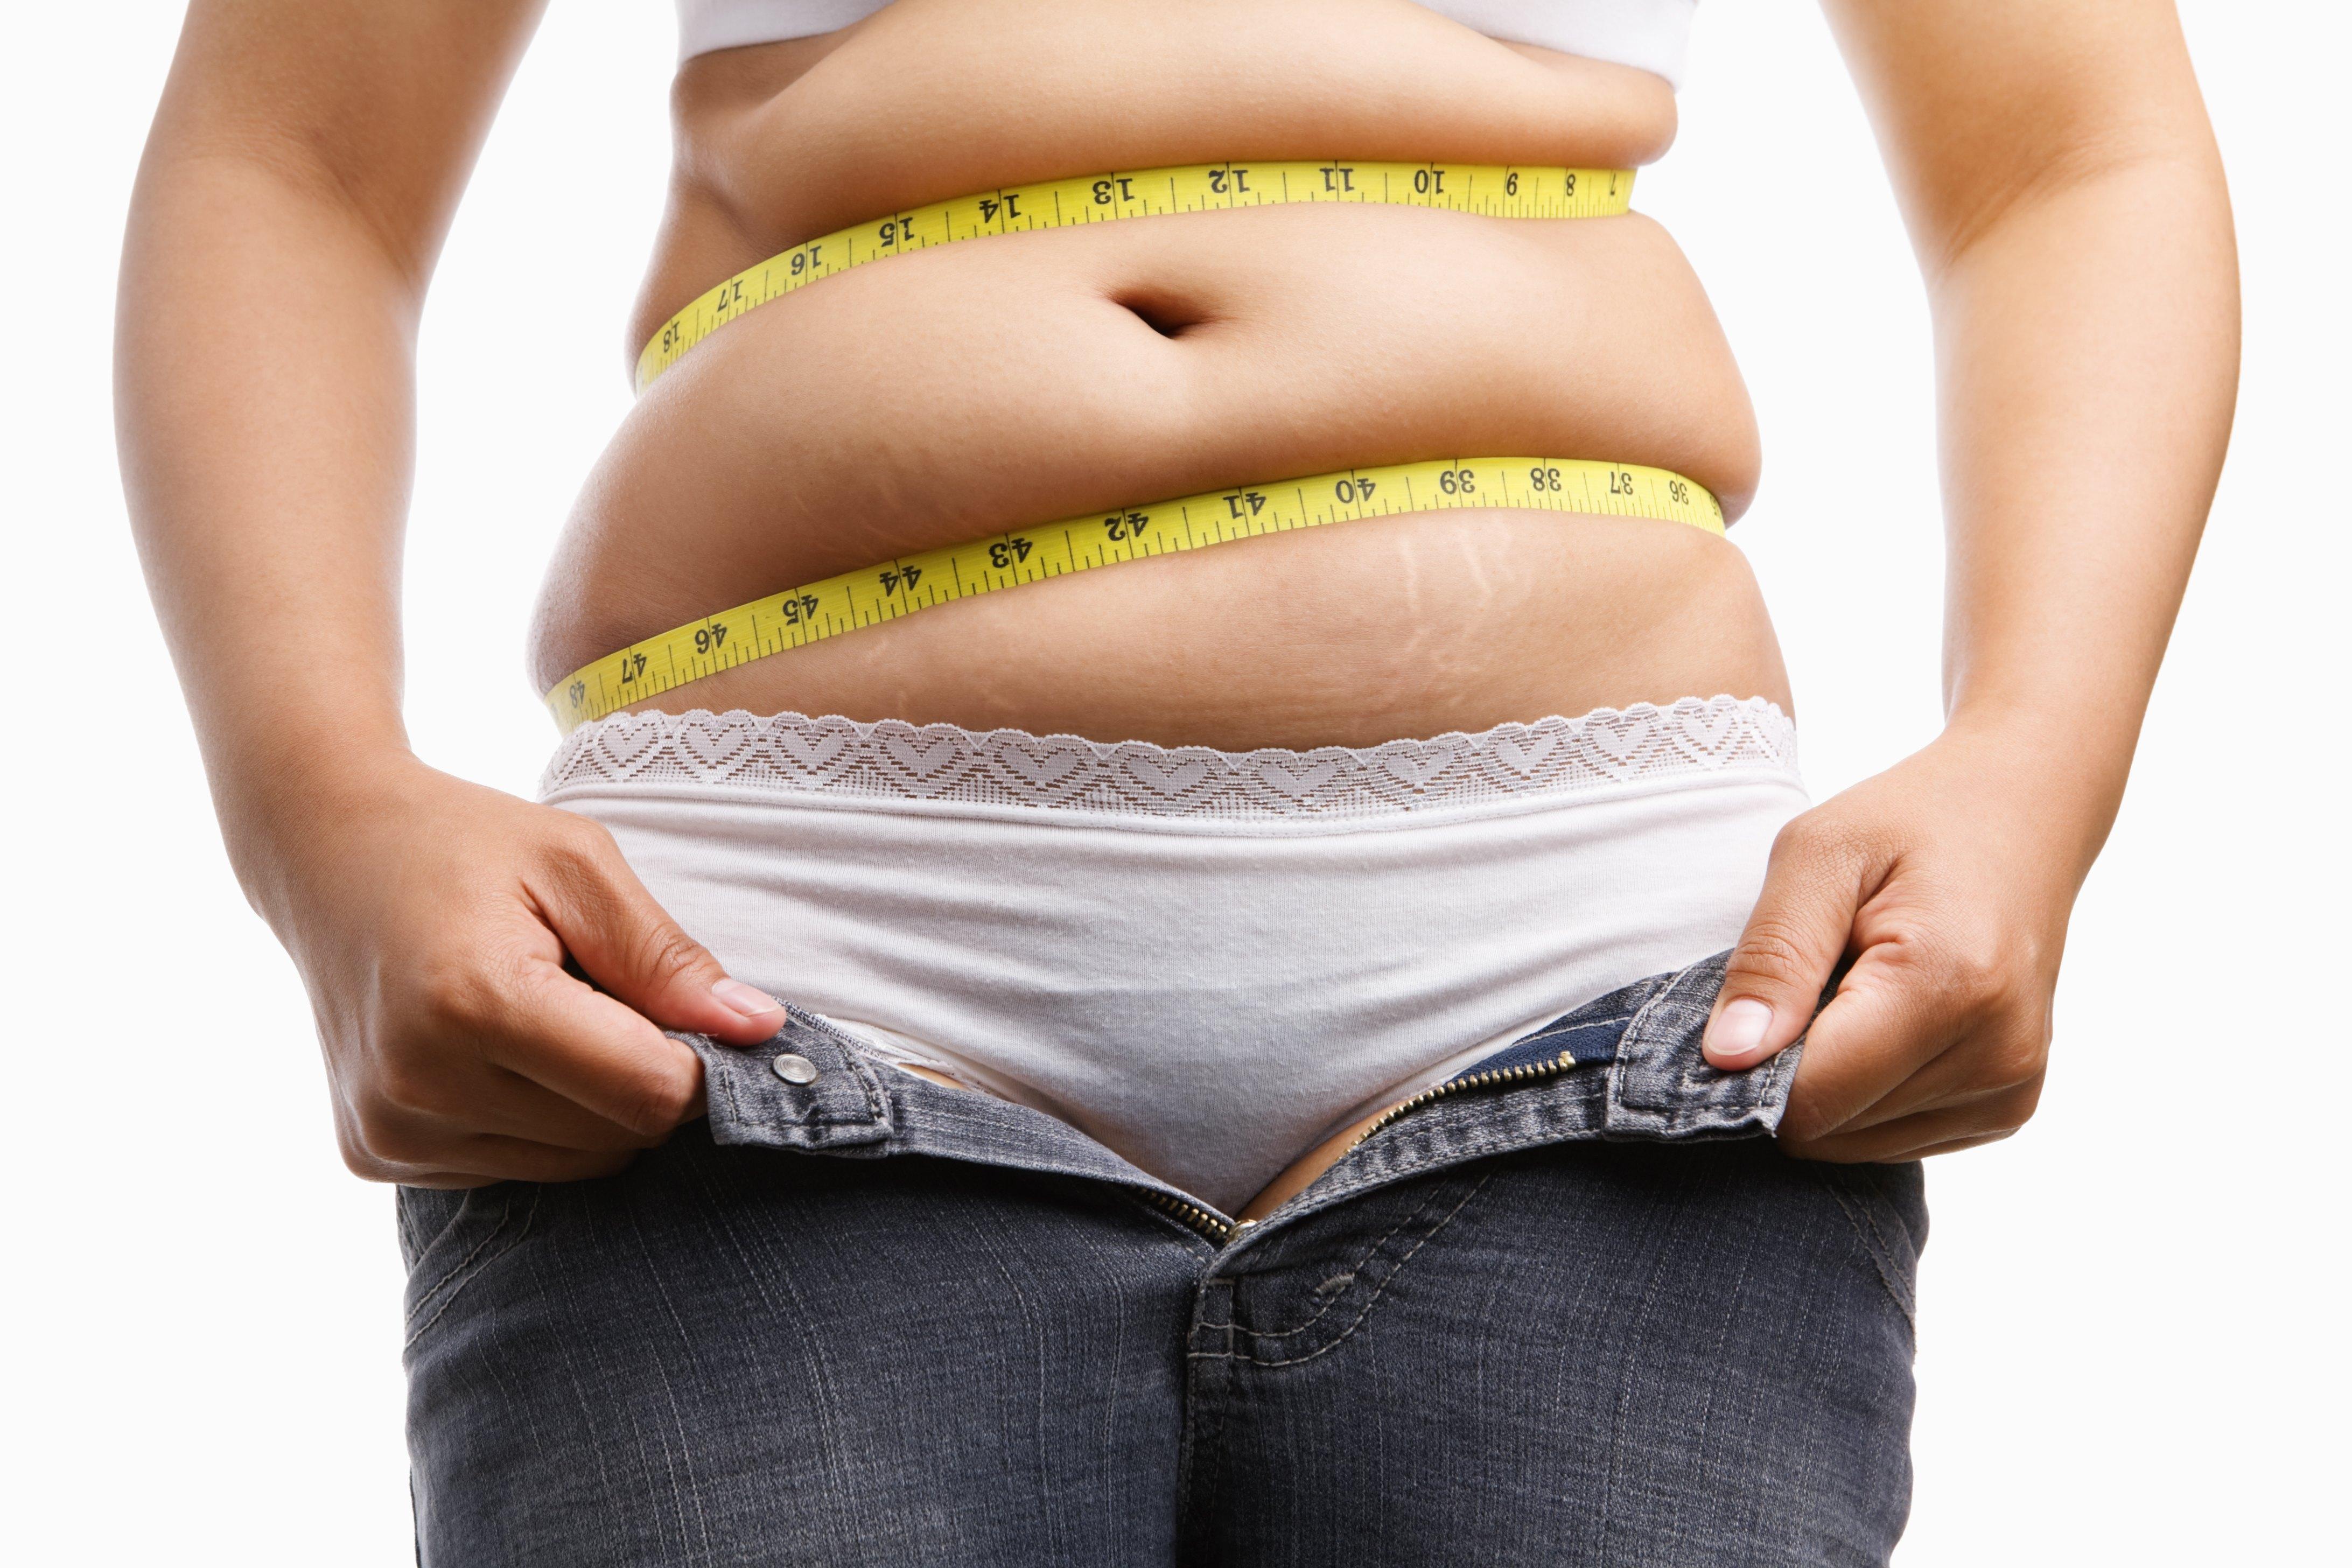 nem fogyhat a testzsír, bármi is legyen egy másik szó a zsírégetésről